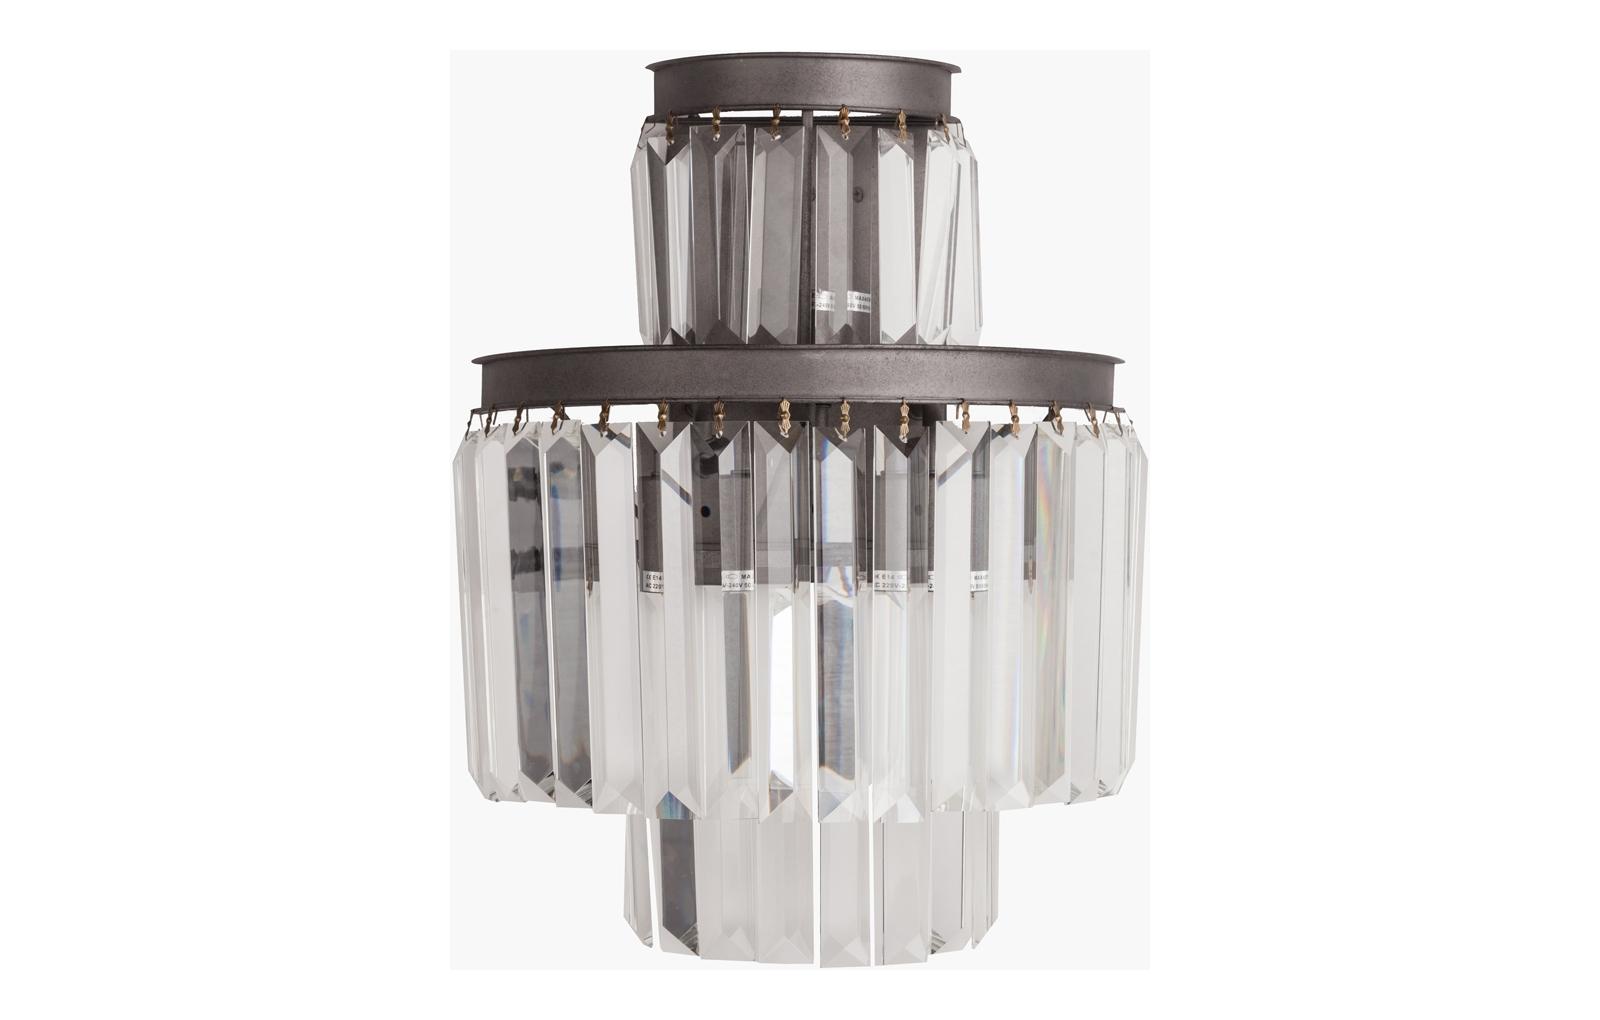 Настенный светильник Saliel PiccoloБра<br>&amp;lt;div&amp;gt;Современный настенный светильник SALIEL, благодаря своей форме, создает оригинальное рассеивание света. Дизайн светильников коллекции Saliel поразит воображение самого искушенного зрителя. Безупречное исполнение и оригинальное стилевое решение светильника SALIEL помогут вам выразить собственное представление о прекрасном и создать уникальный и интересный интерьер. Приобретенные в нашем интернет-магазине настенные светильники станут прекрасным дополнением к люстре из коллекции Saliel.&amp;lt;/div&amp;gt;&amp;lt;div&amp;gt;Мощность ламп: 40W&amp;lt;/div&amp;gt;&amp;lt;div&amp;gt;Тип лампочки: E14&amp;lt;/div&amp;gt;&amp;lt;div&amp;gt;Количество ламп: 3&amp;lt;/div&amp;gt;<br><br>Material: Хрусталь<br>Length см: None<br>Height см: 42<br>Diameter см: 35